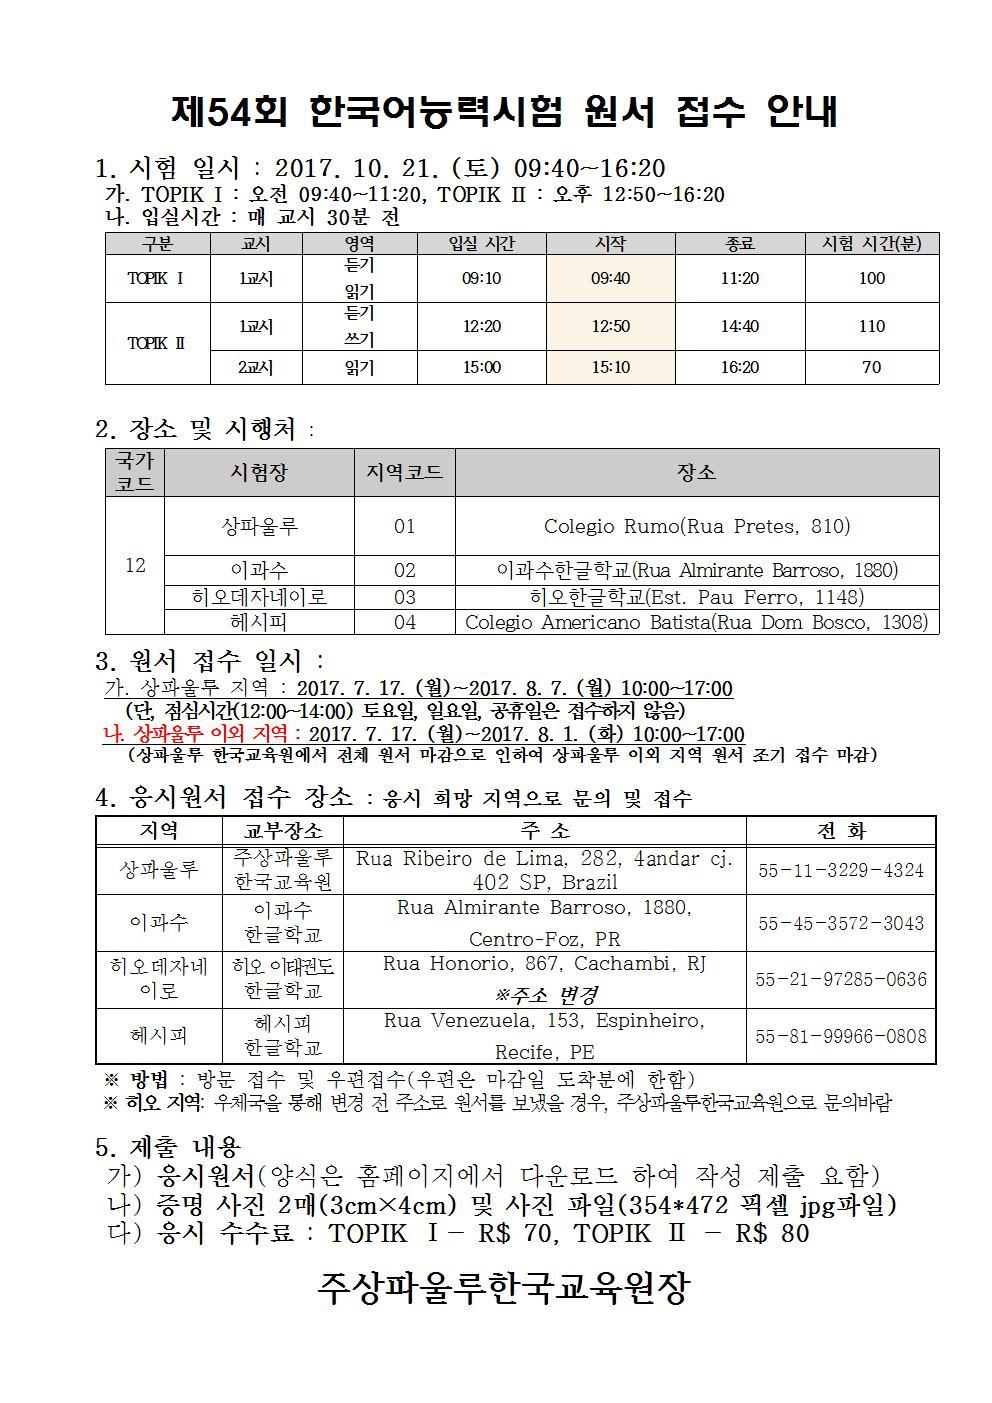 [광고] 제54회 한국어능력시험 원서 접수안내001.jpg